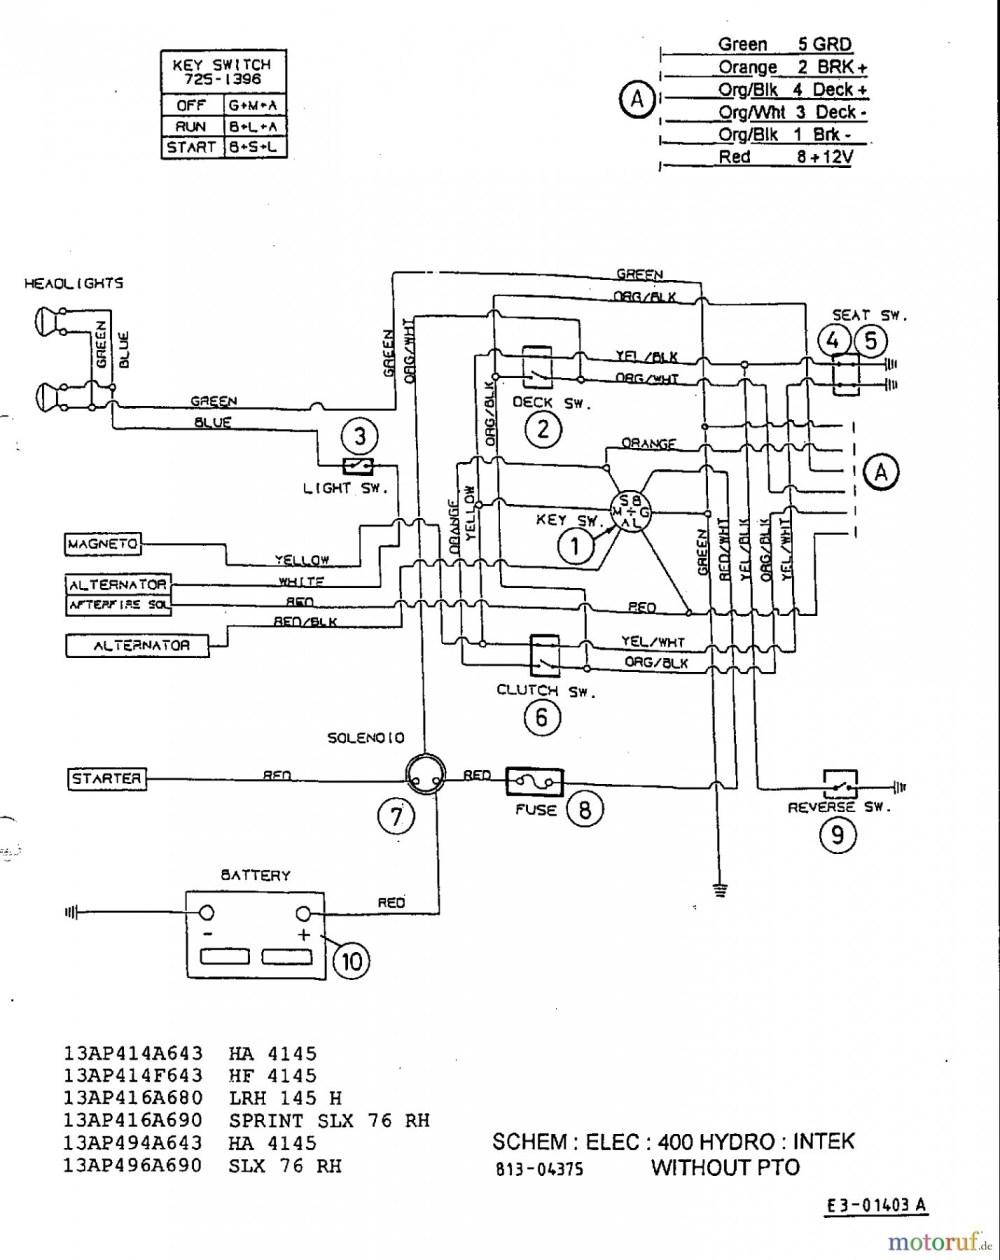 medium resolution of mtd lawn mower wiring schematic wiring diagram expert mtd engine wiring diagram